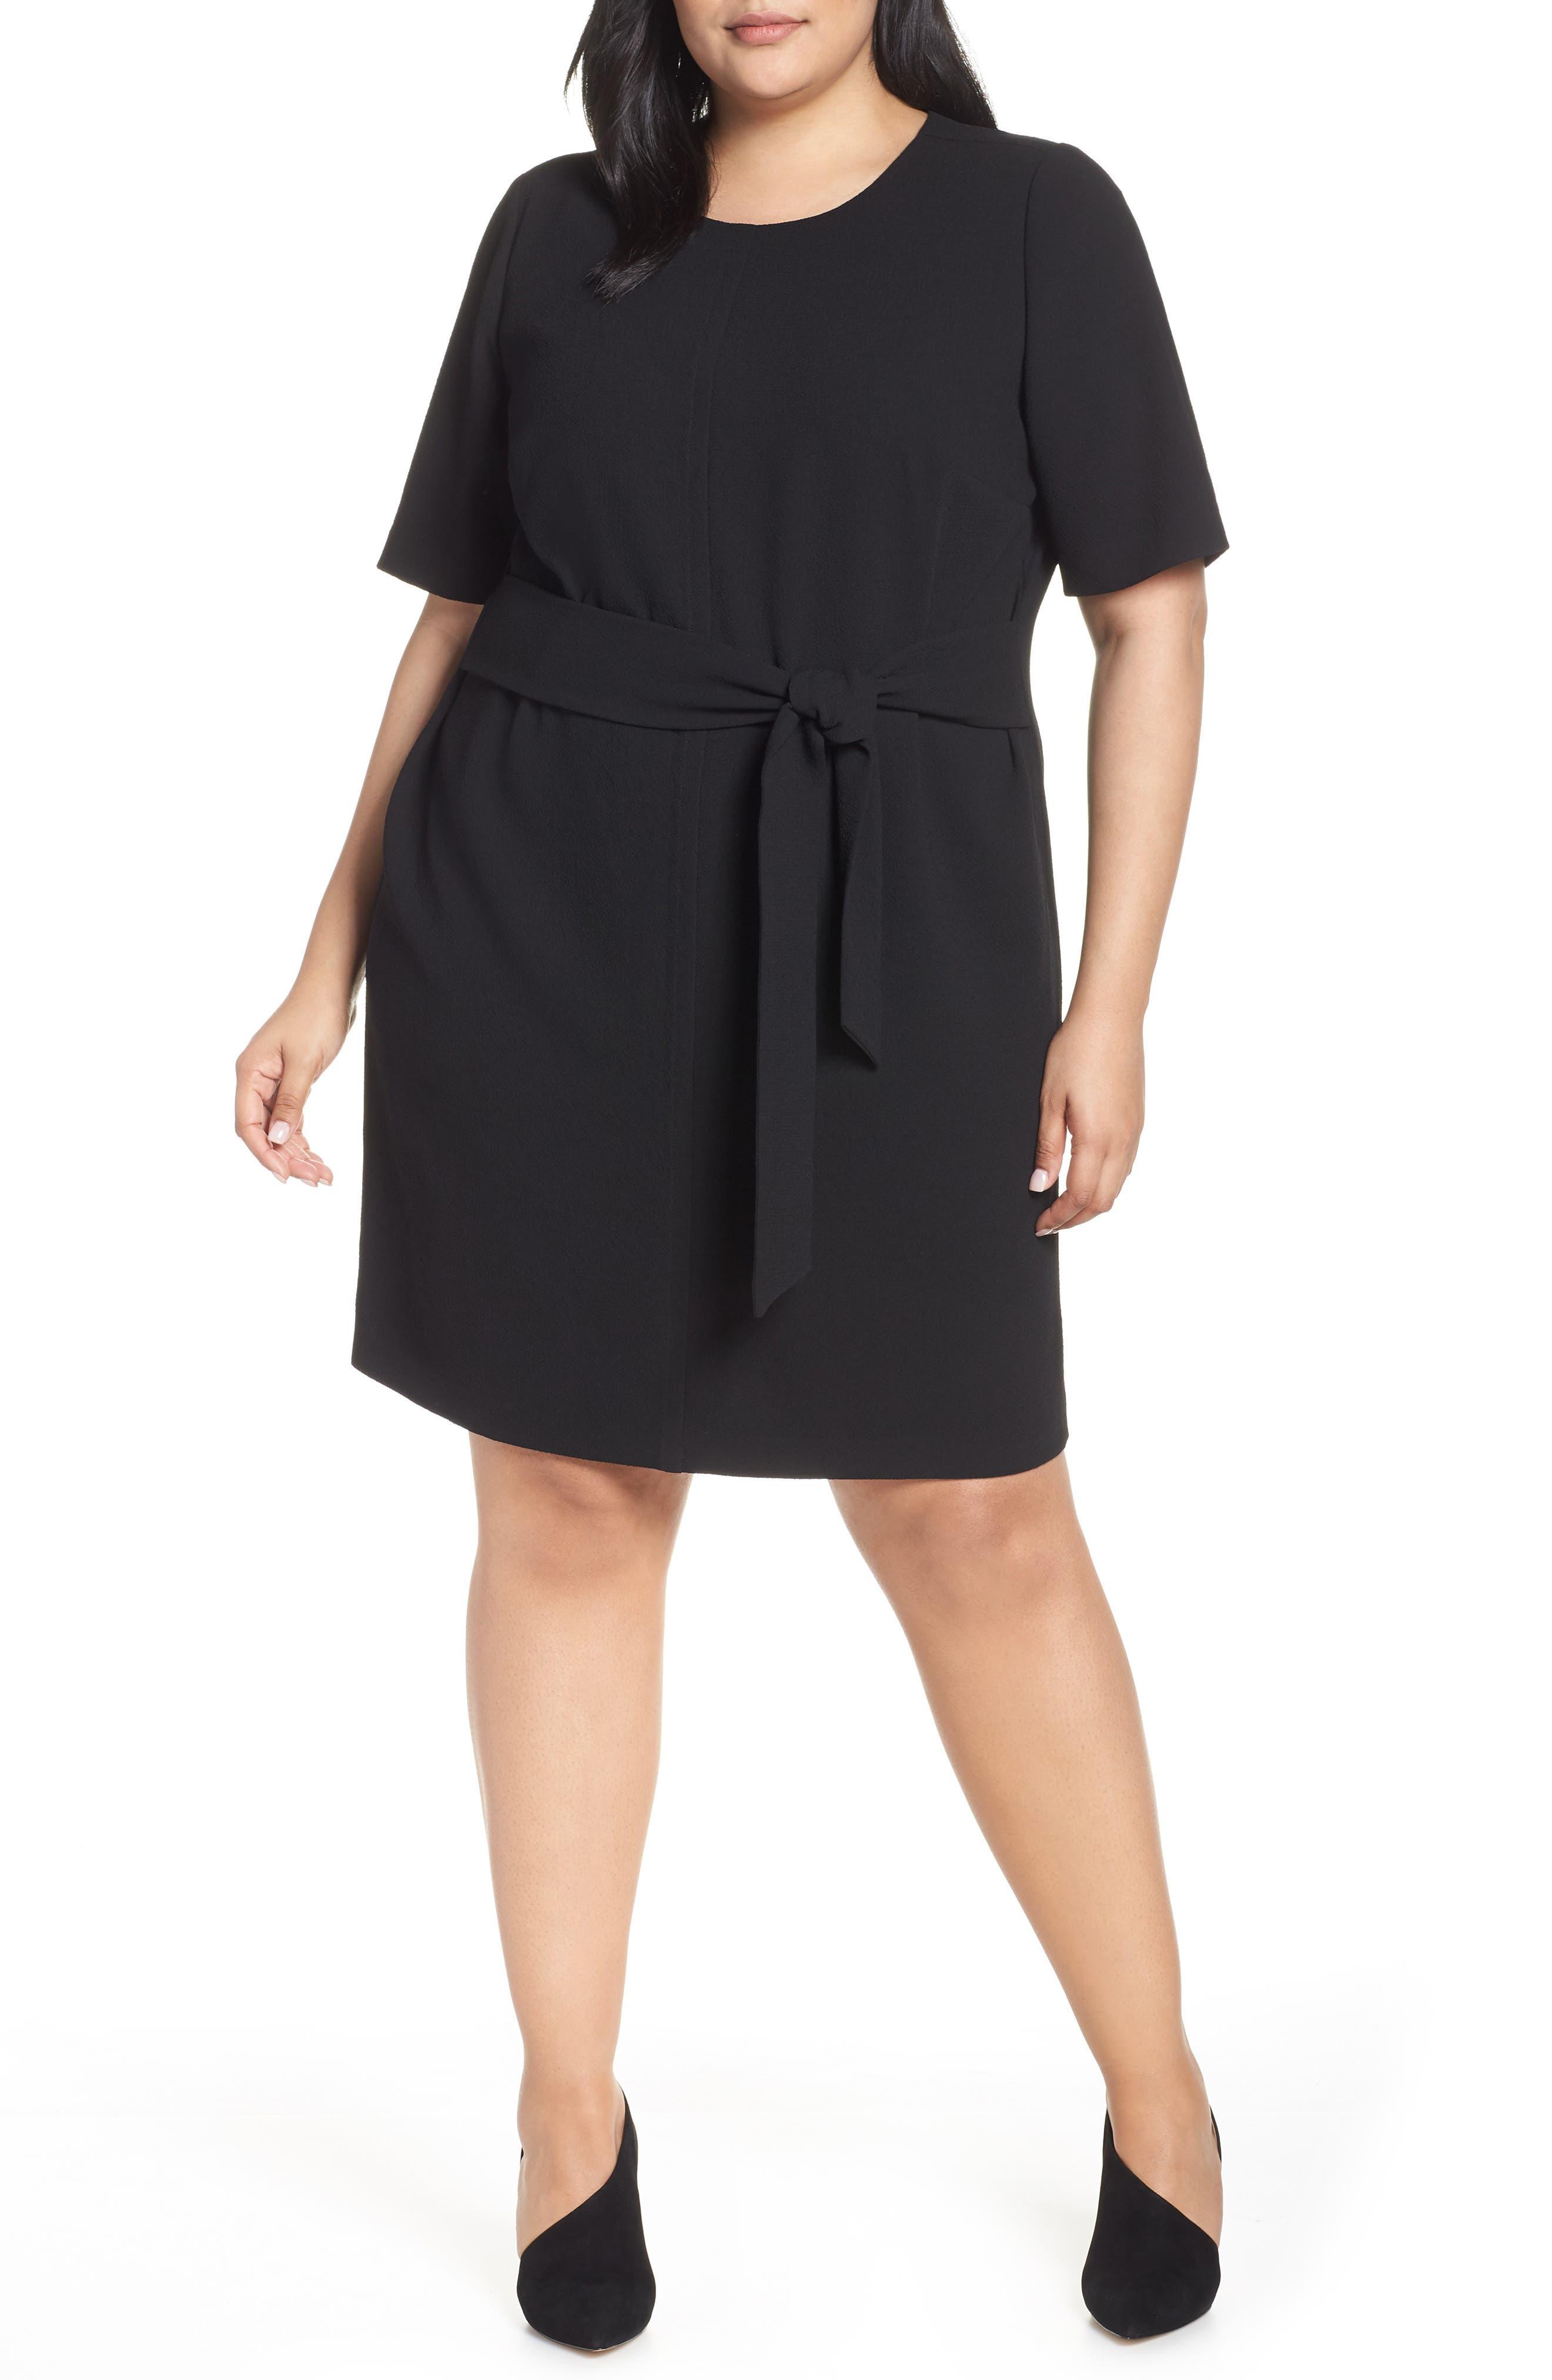 VINCE CAMUTO, Belt Parisian Crepe Dress, Main thumbnail 1, color, RICH BLACK